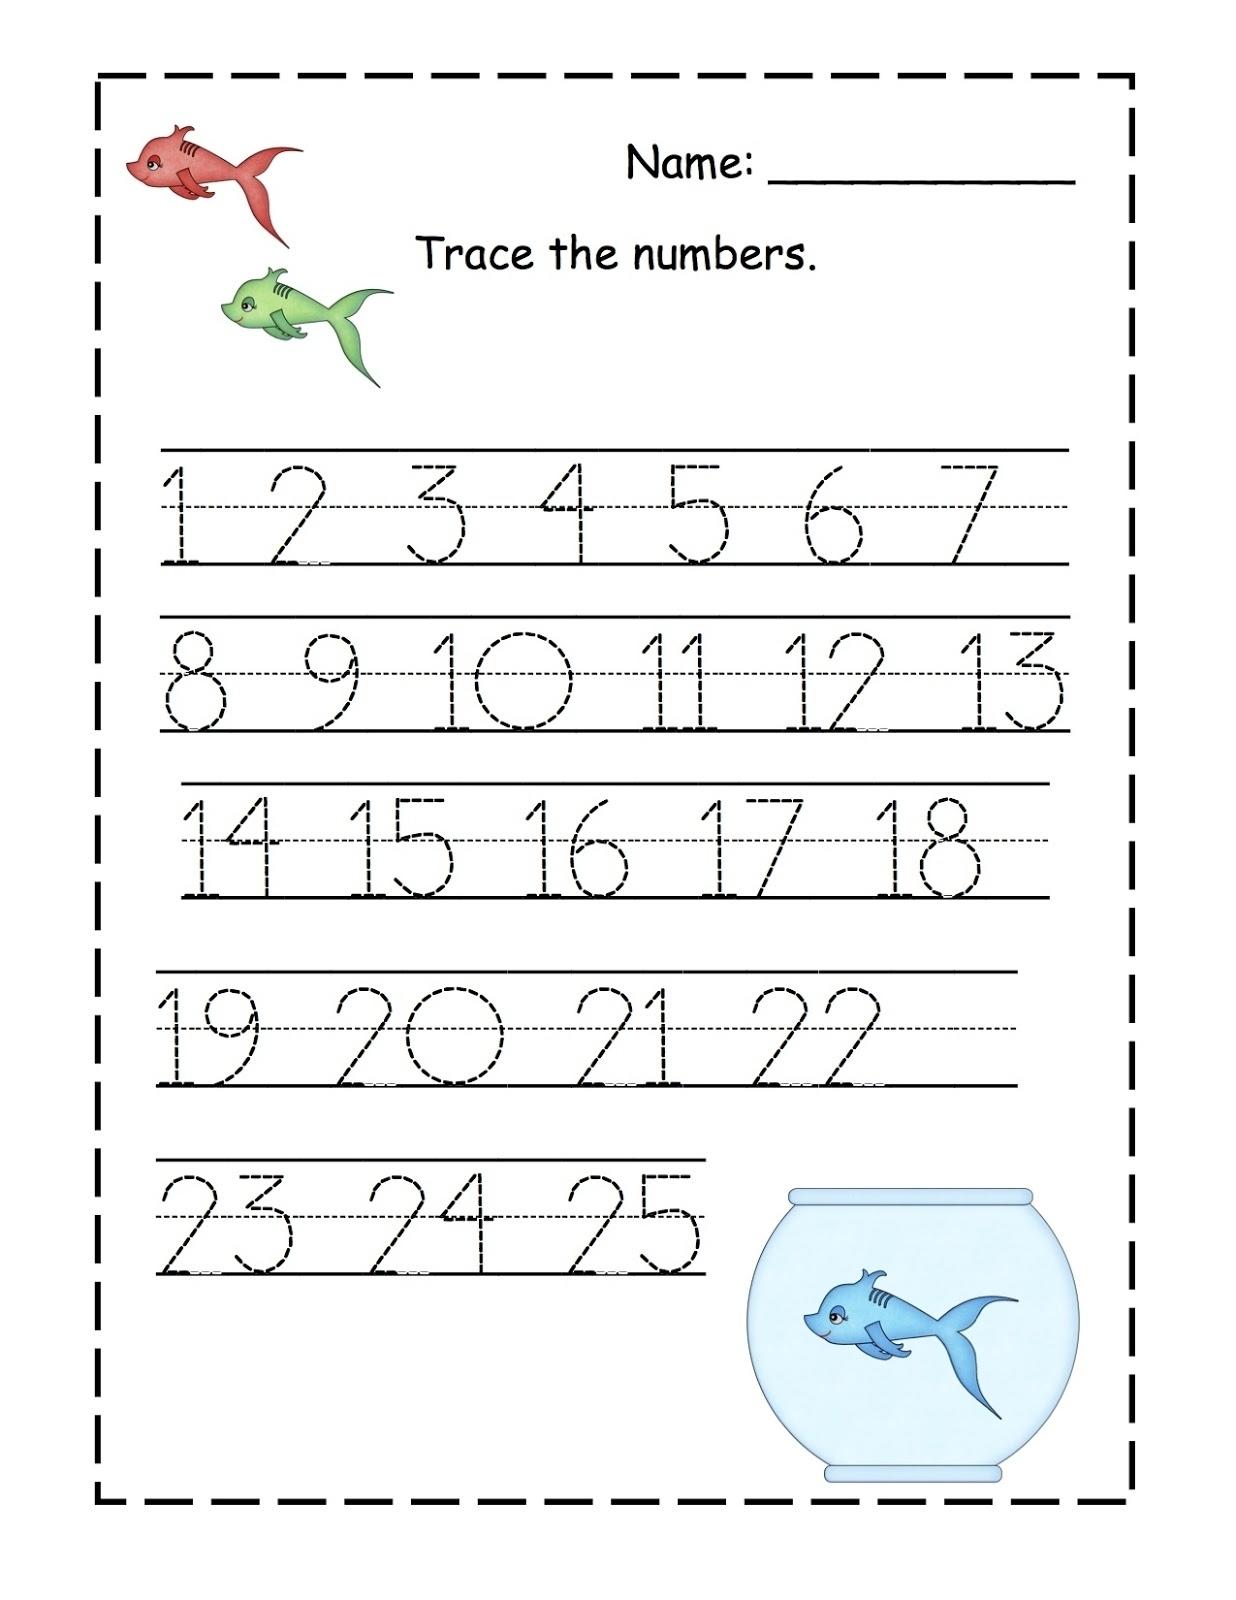 Printable Numbers Up To 31 | Ten Free Printable Calendar regarding Printable Numbers 1-31